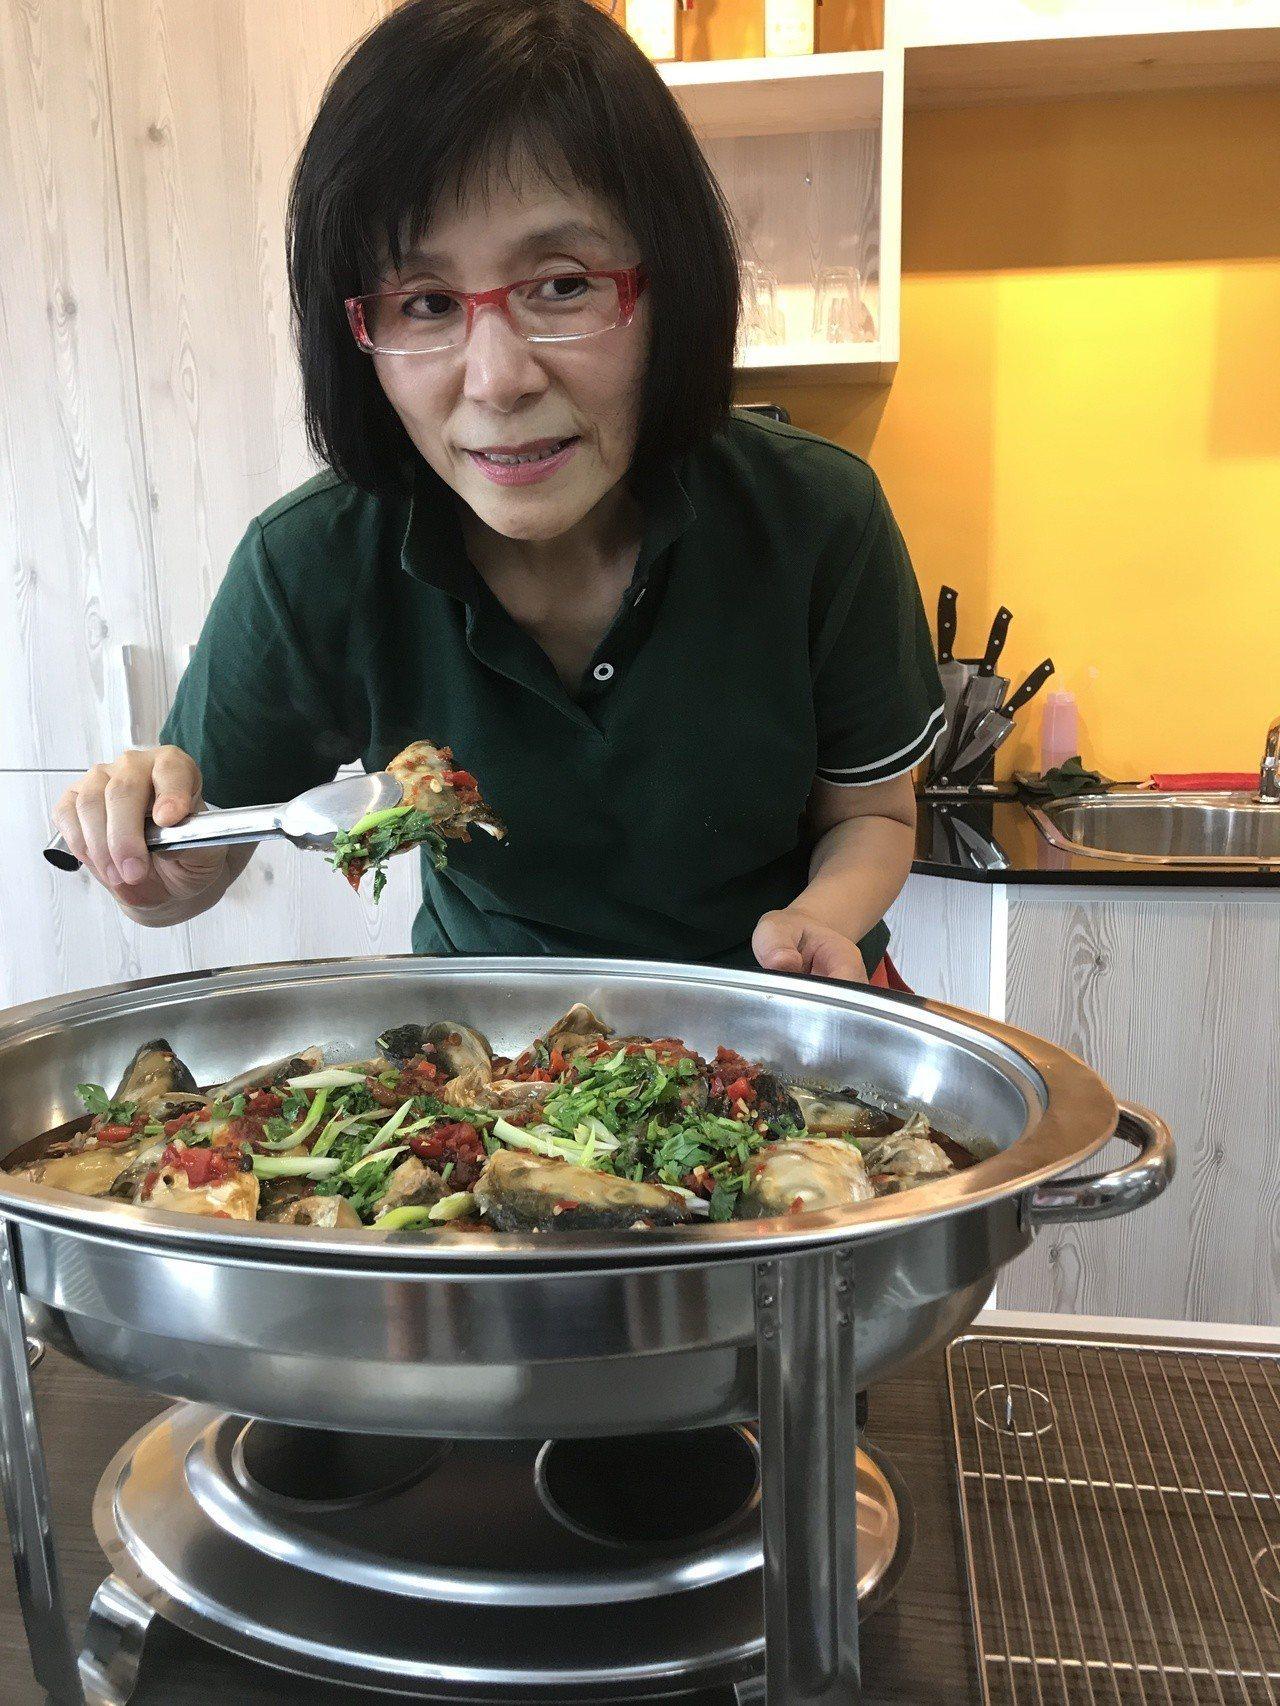 嘉義魚市場總經理鄭如玉今天邀集員工做虱目魚創意料理。記者姜宜菁/攝影